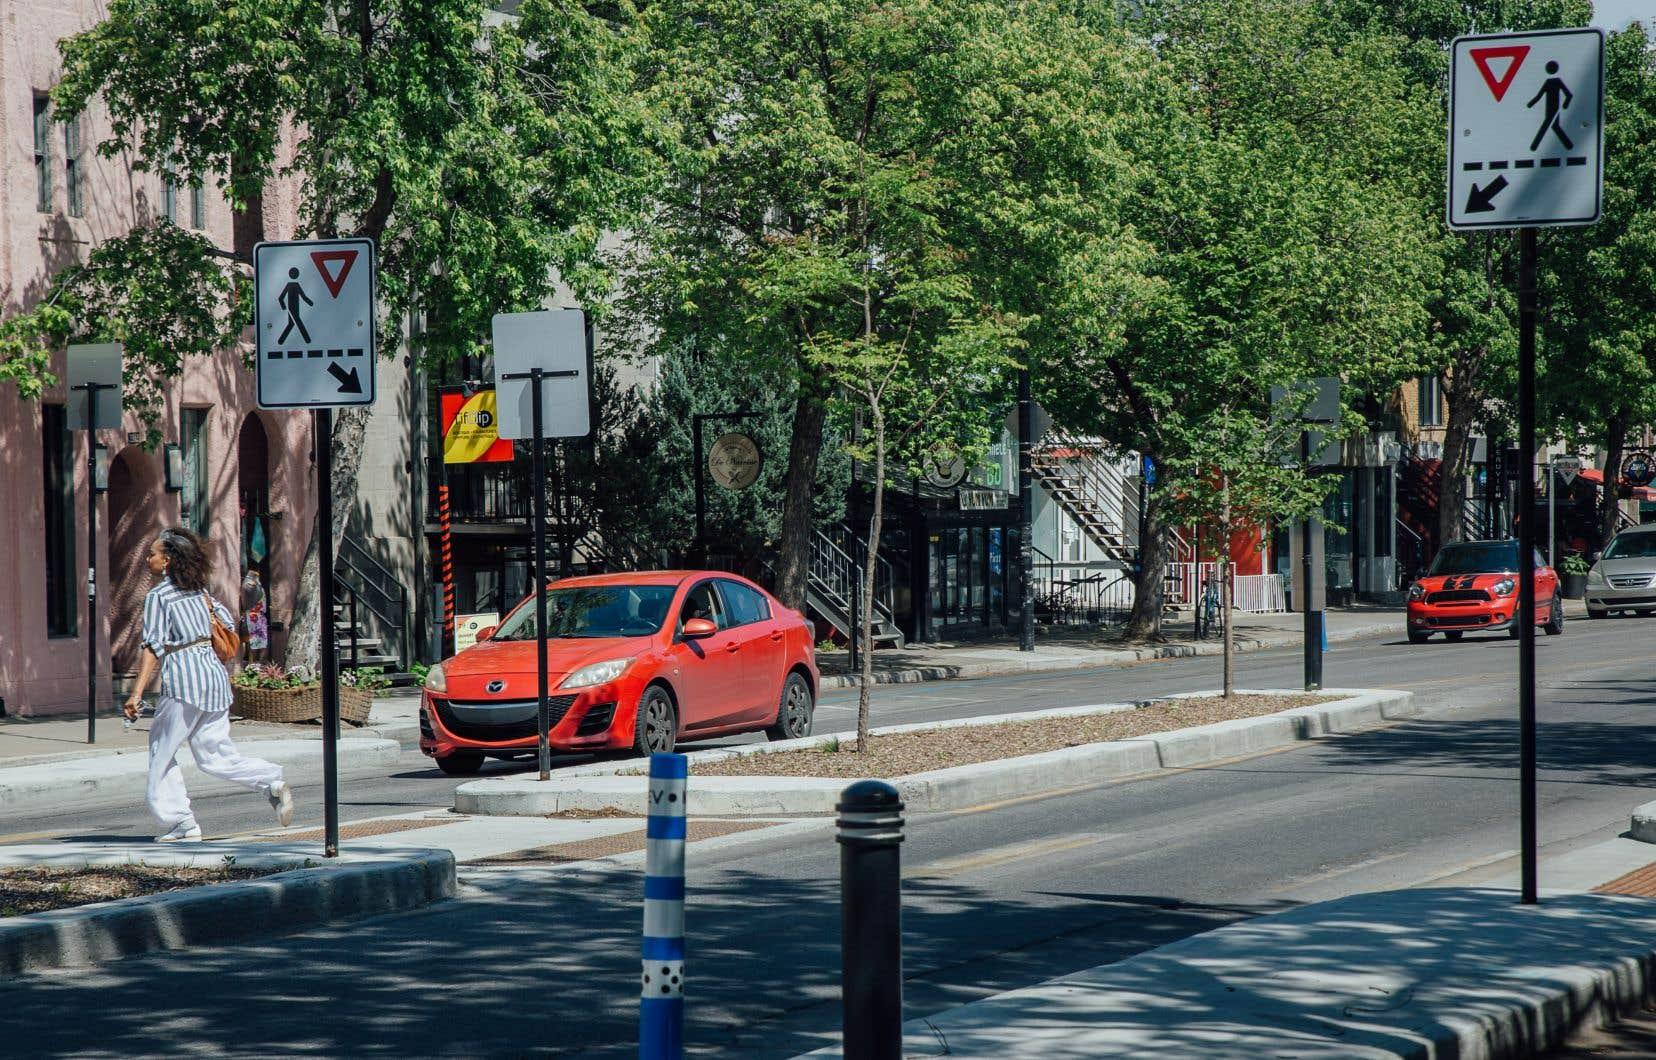 L'année dernière, des passages piétons avec des îlots de refuge ont été aménagés sur la rue Saint-Denis à Montréal, incitant les automobilistes à céder le passage.